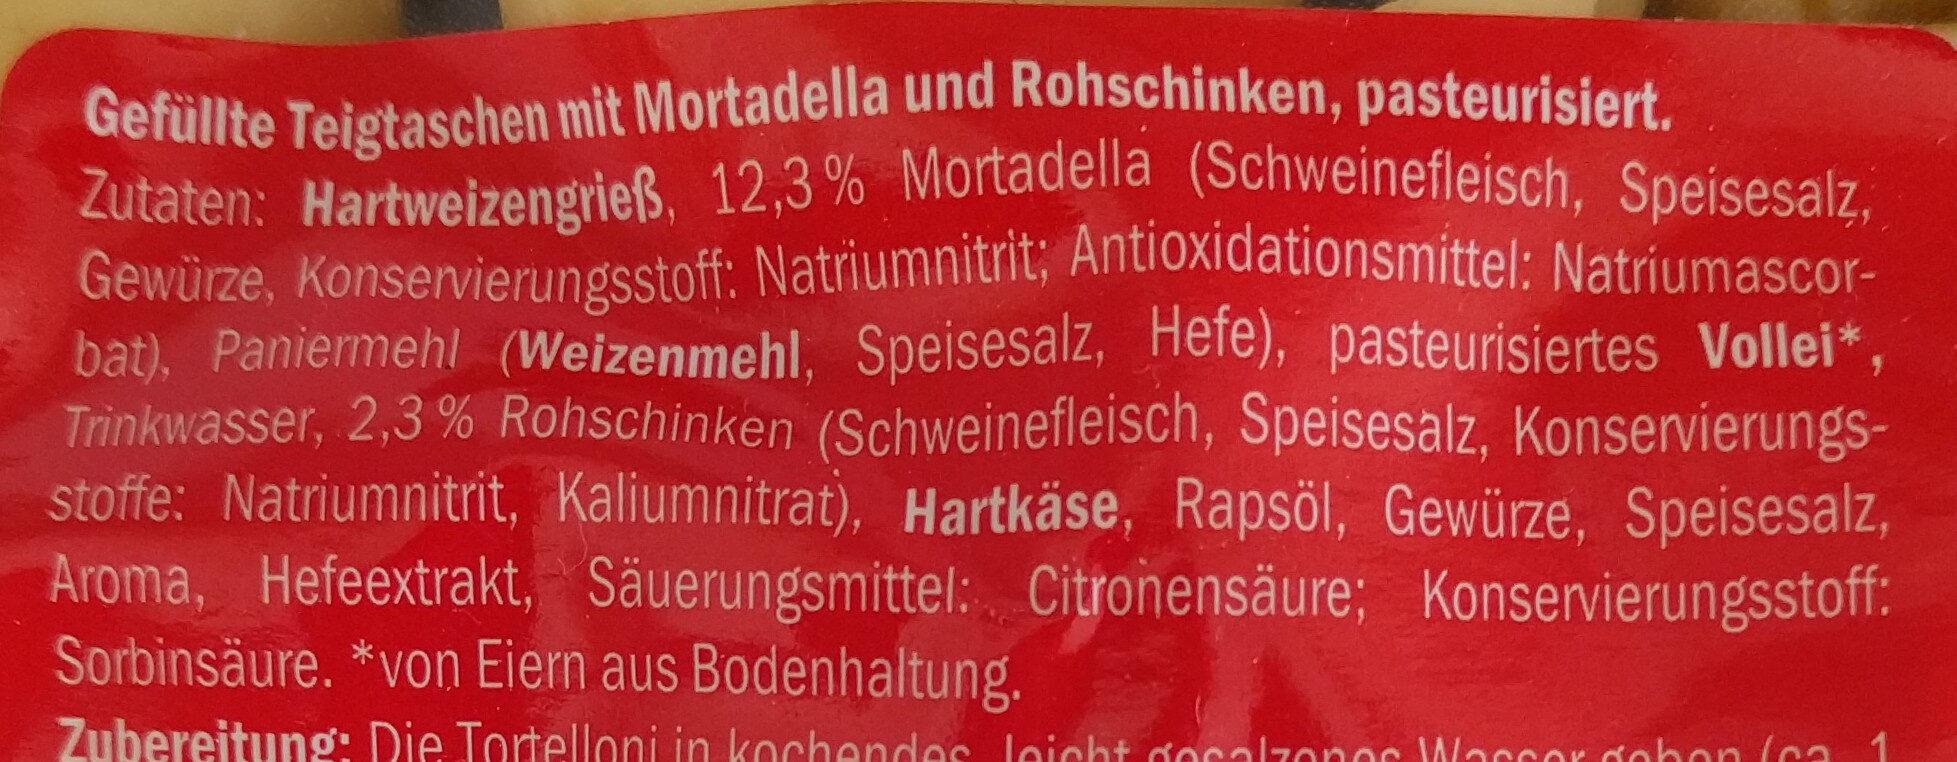 Tortelloni prosciutto - Zutaten - de